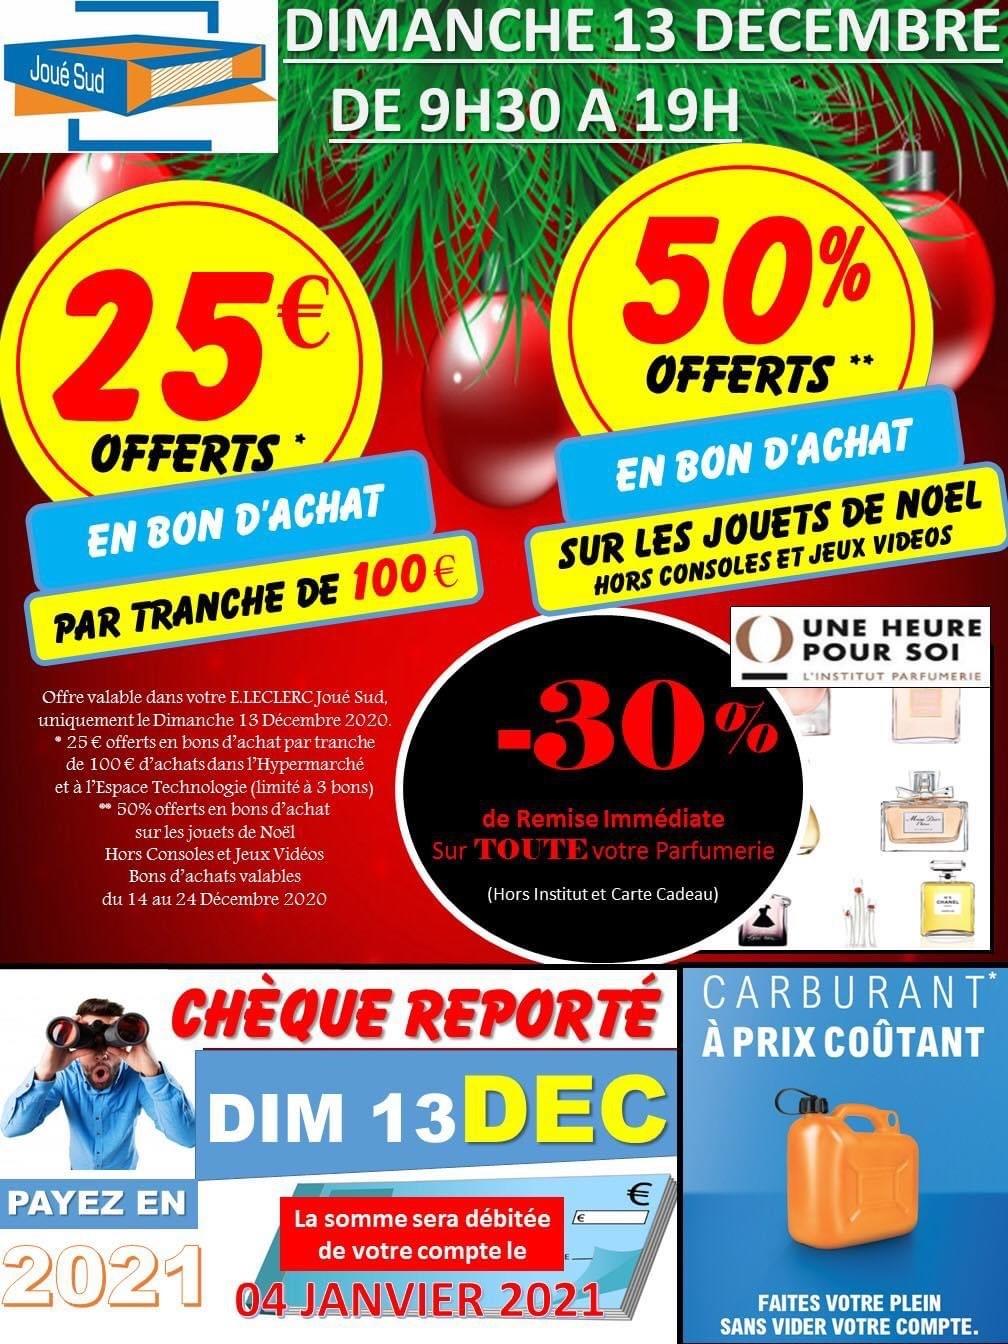 25€ en bon d'achat tous les 100€ d'achats (max. 3 bons) et 50% en bon d'achat sur les Jouets de Noël - Joué-lès-Tours (37)